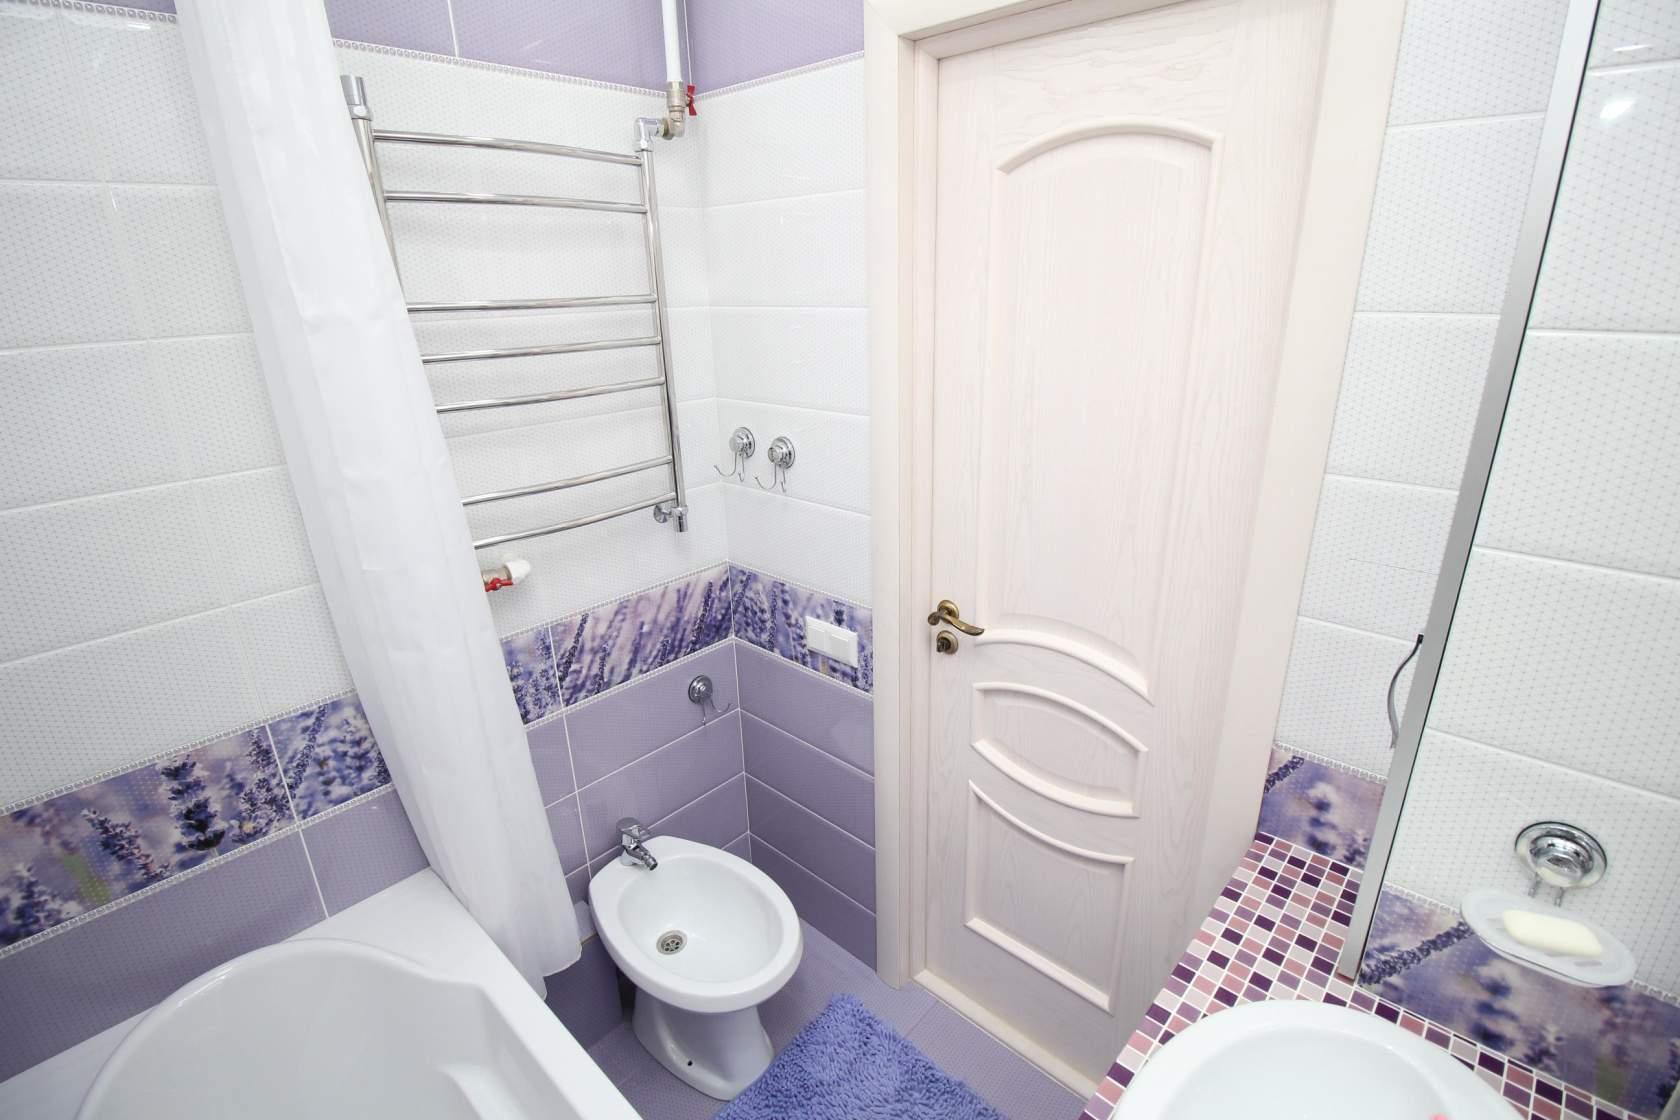 Дизайн ванной комнаты 2021 – актуальные идеи оформления интерьера